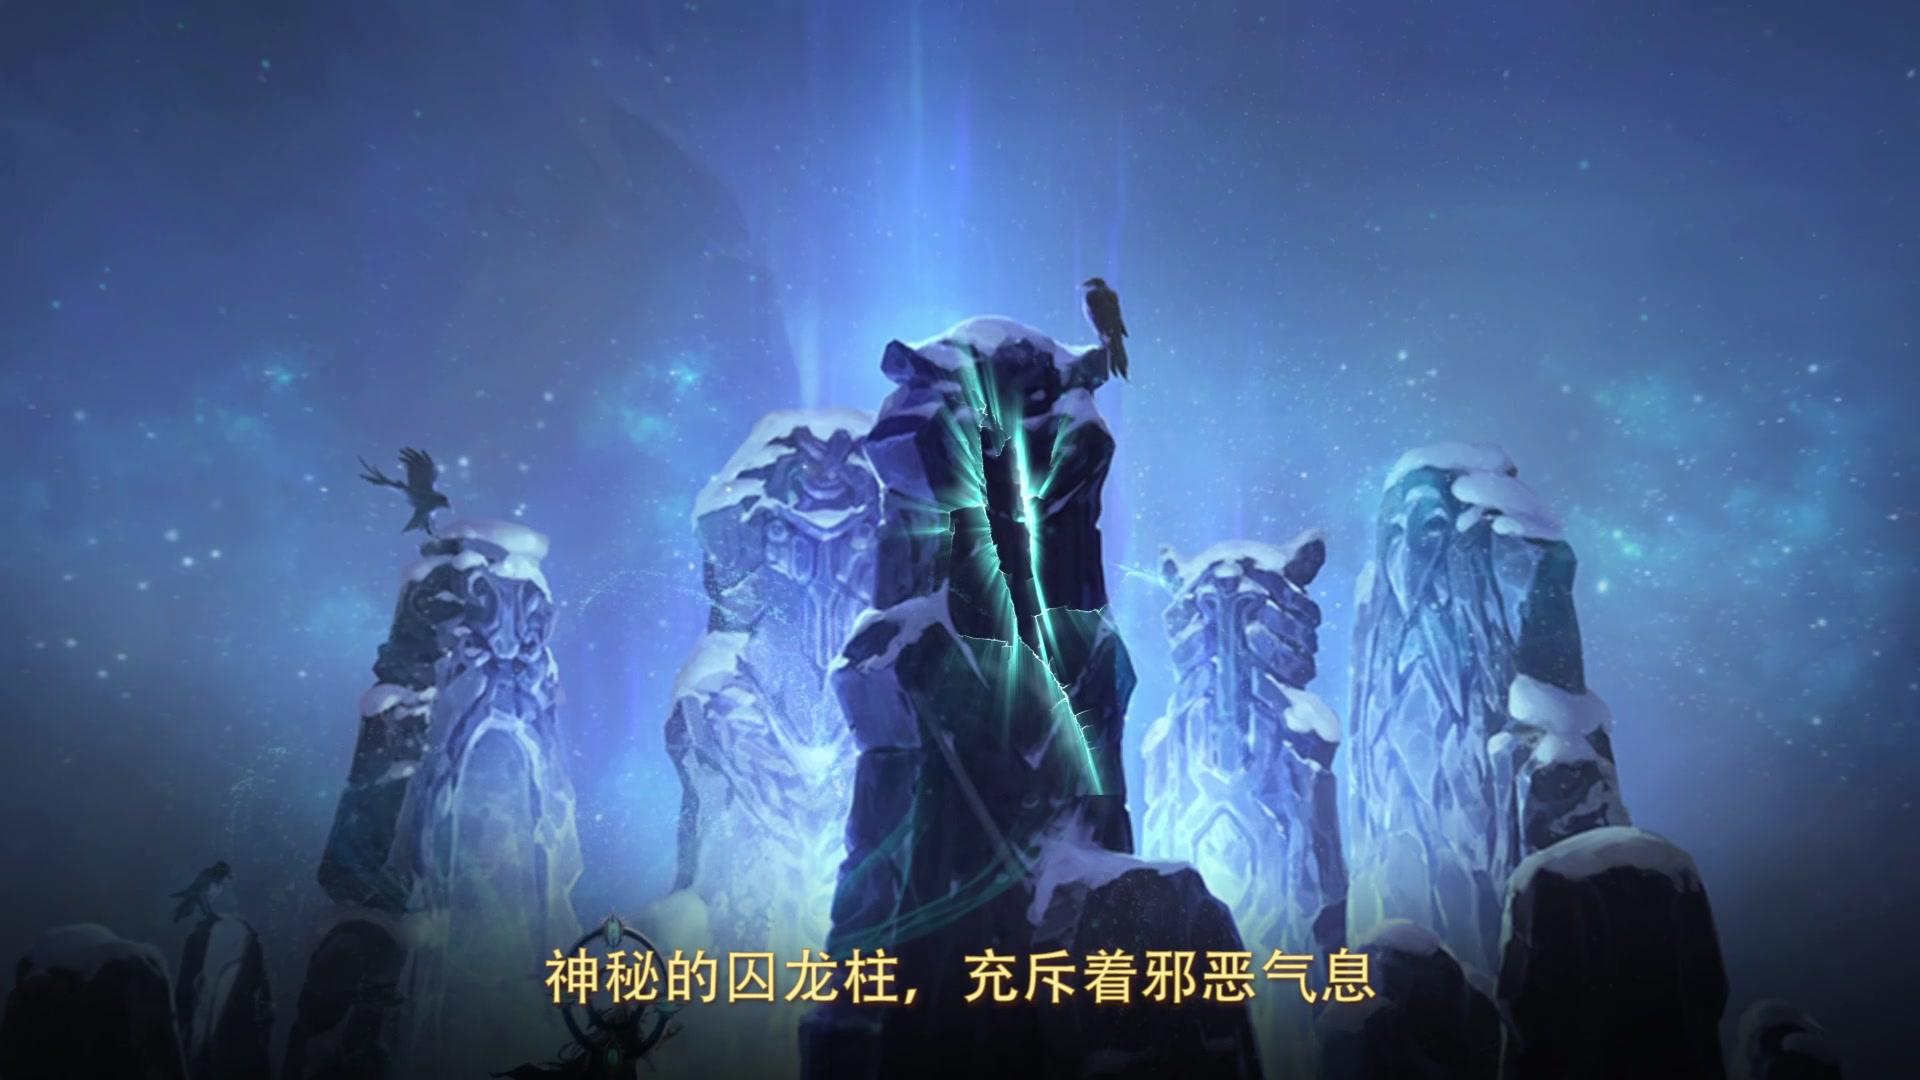 《龙武》新职业故事背景原画视频